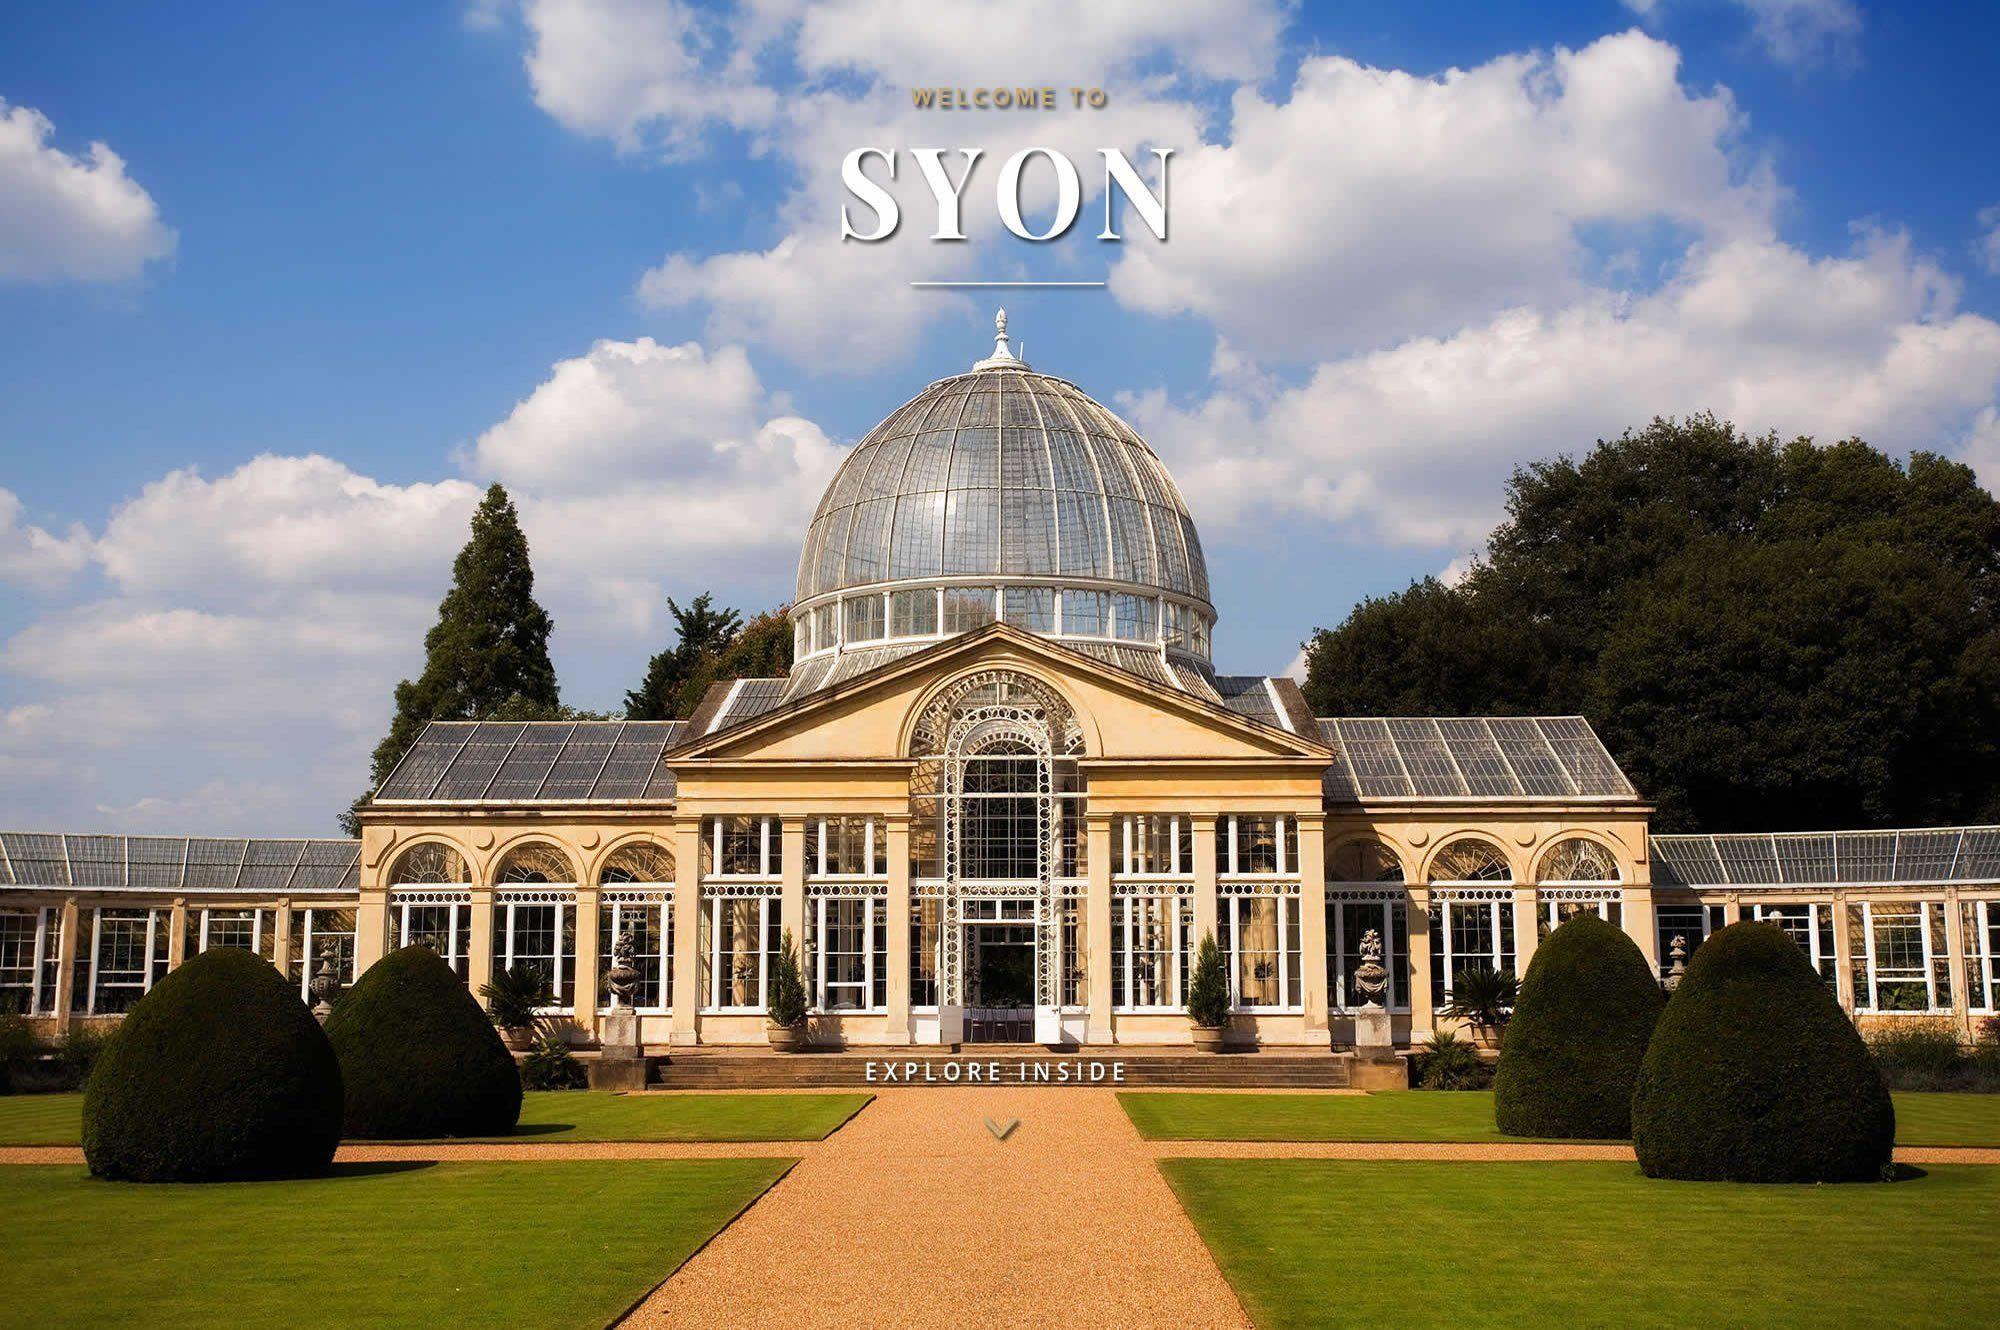 wedding venues in london syon park weddings